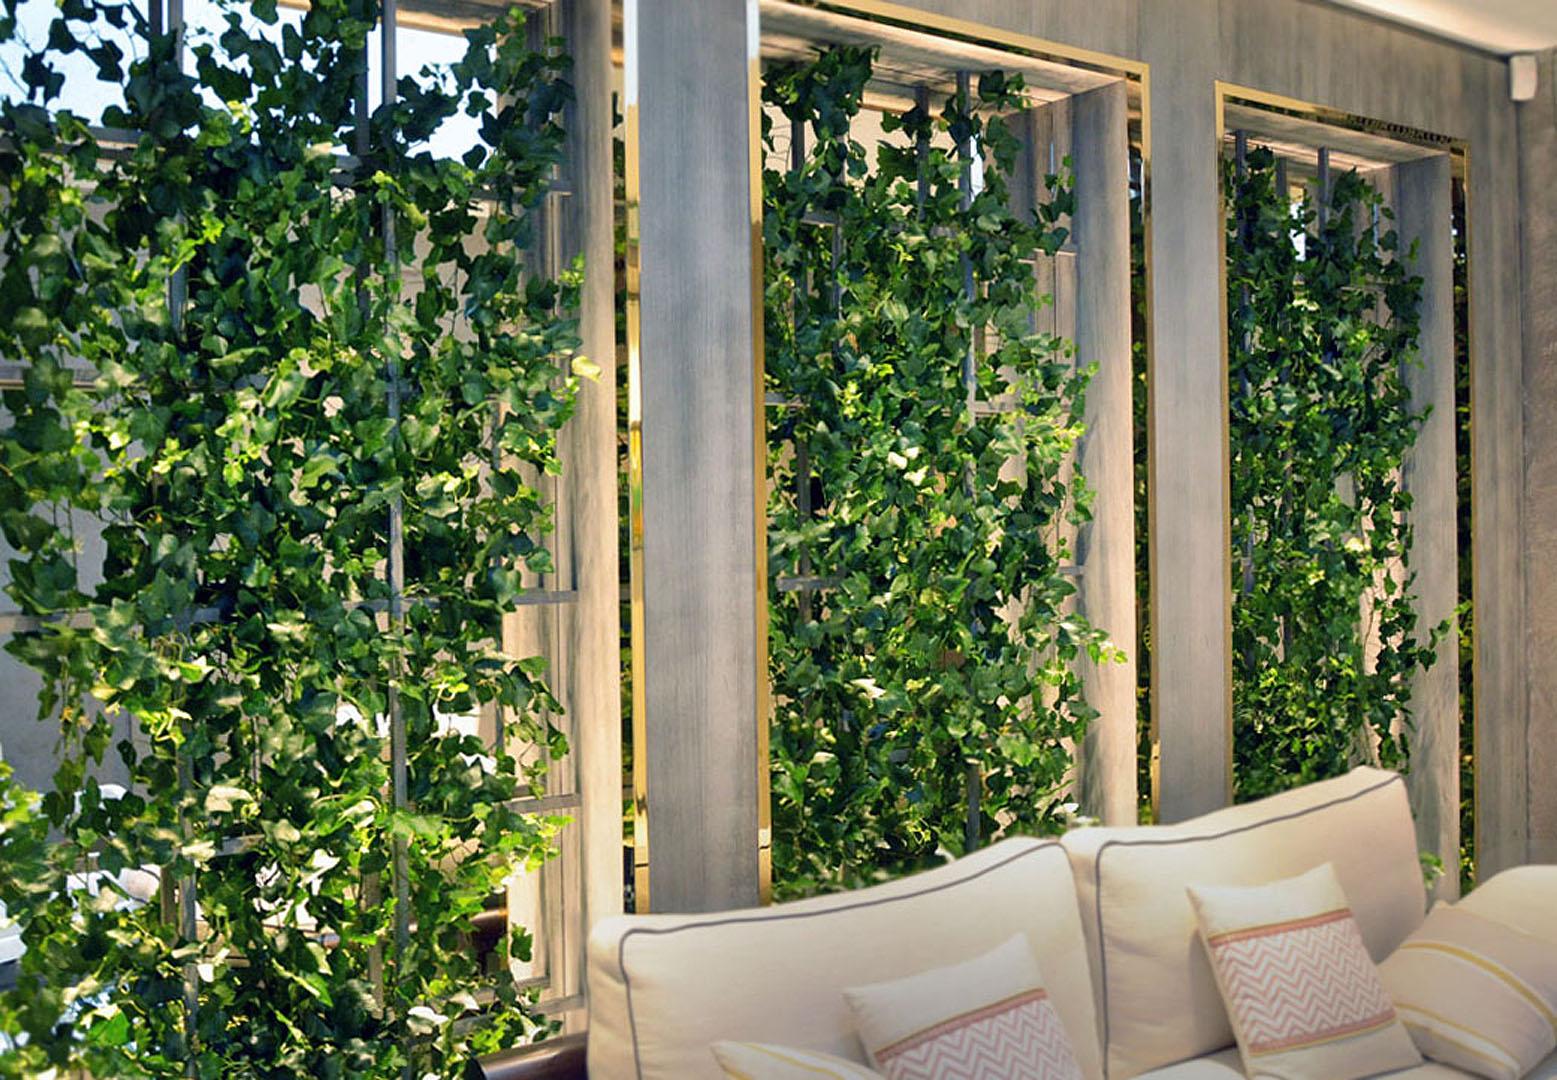 890 fake landscapes natural look ivy on clients framework AP